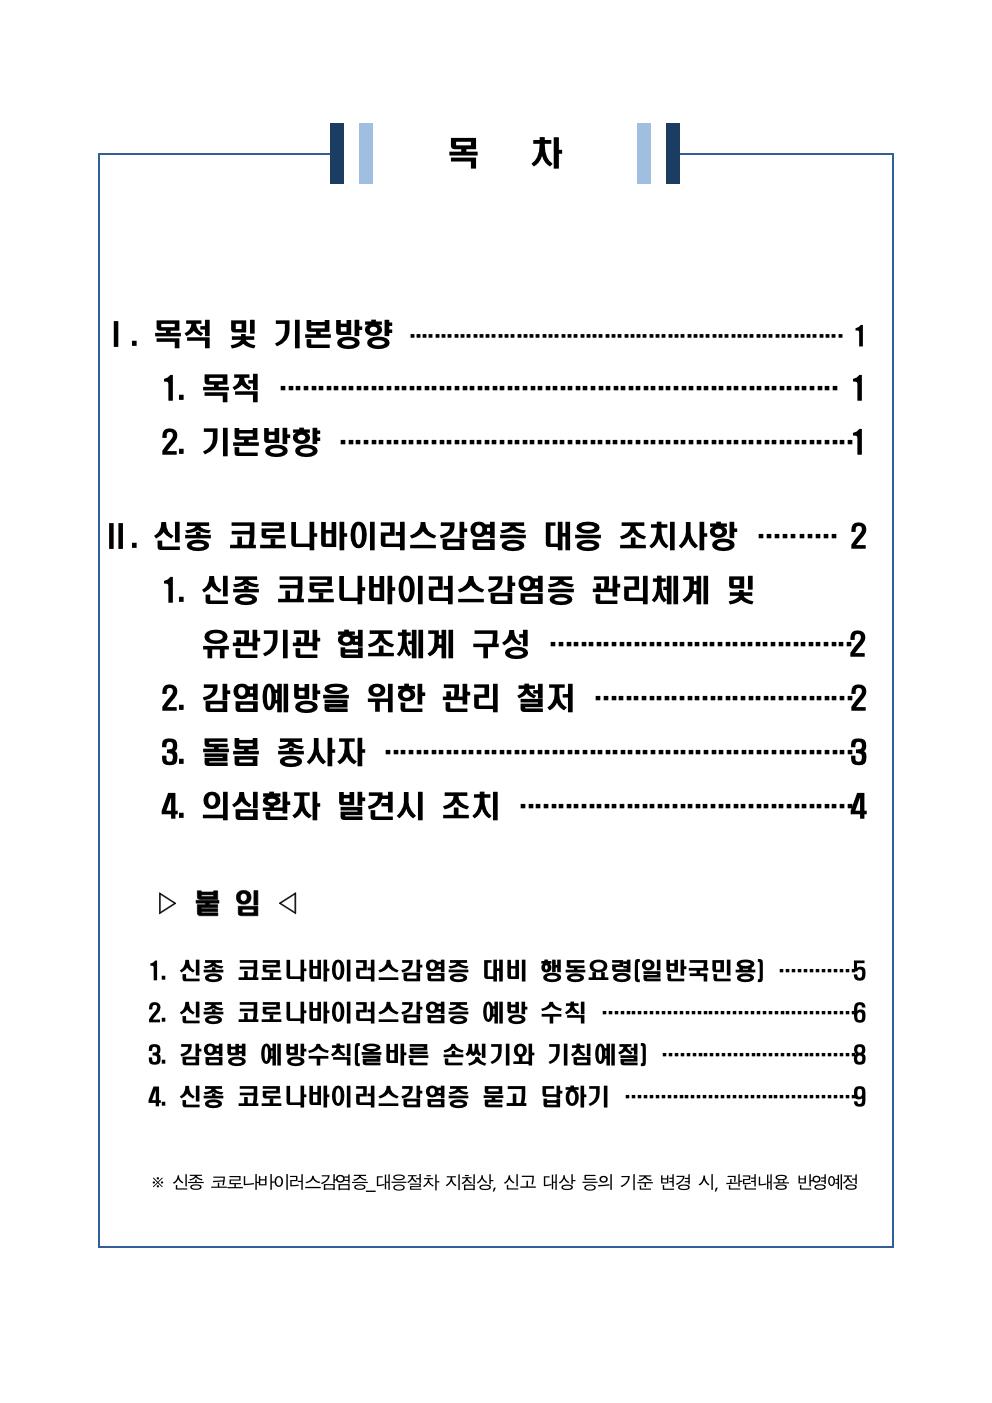 춘교 20-016호 「코로나 바이러스 감염증-19」의 확진자 급증에 따른 권고사항004.jpg